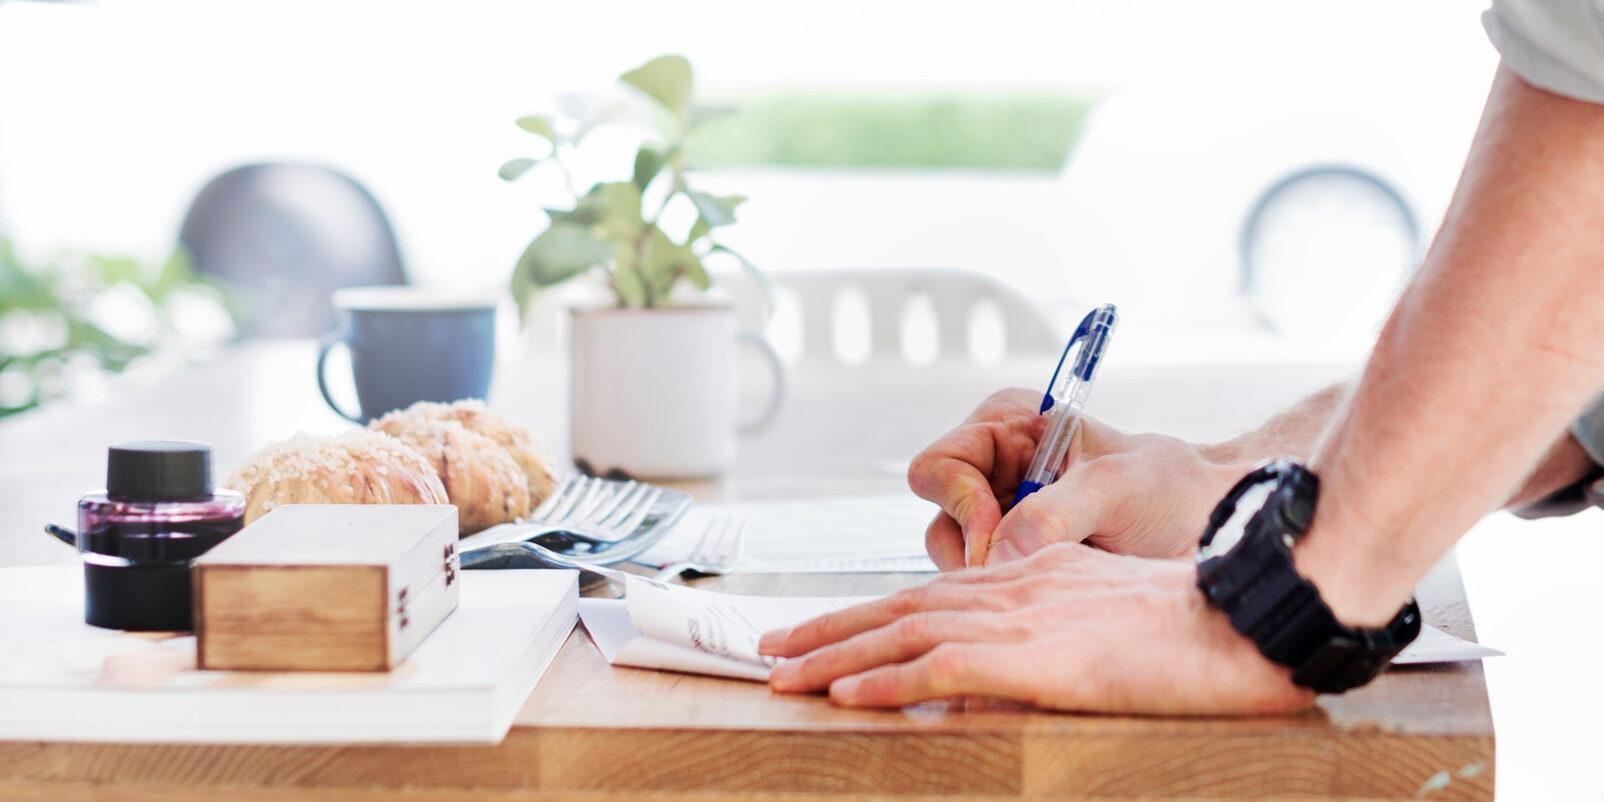 cert-4-small-business-management